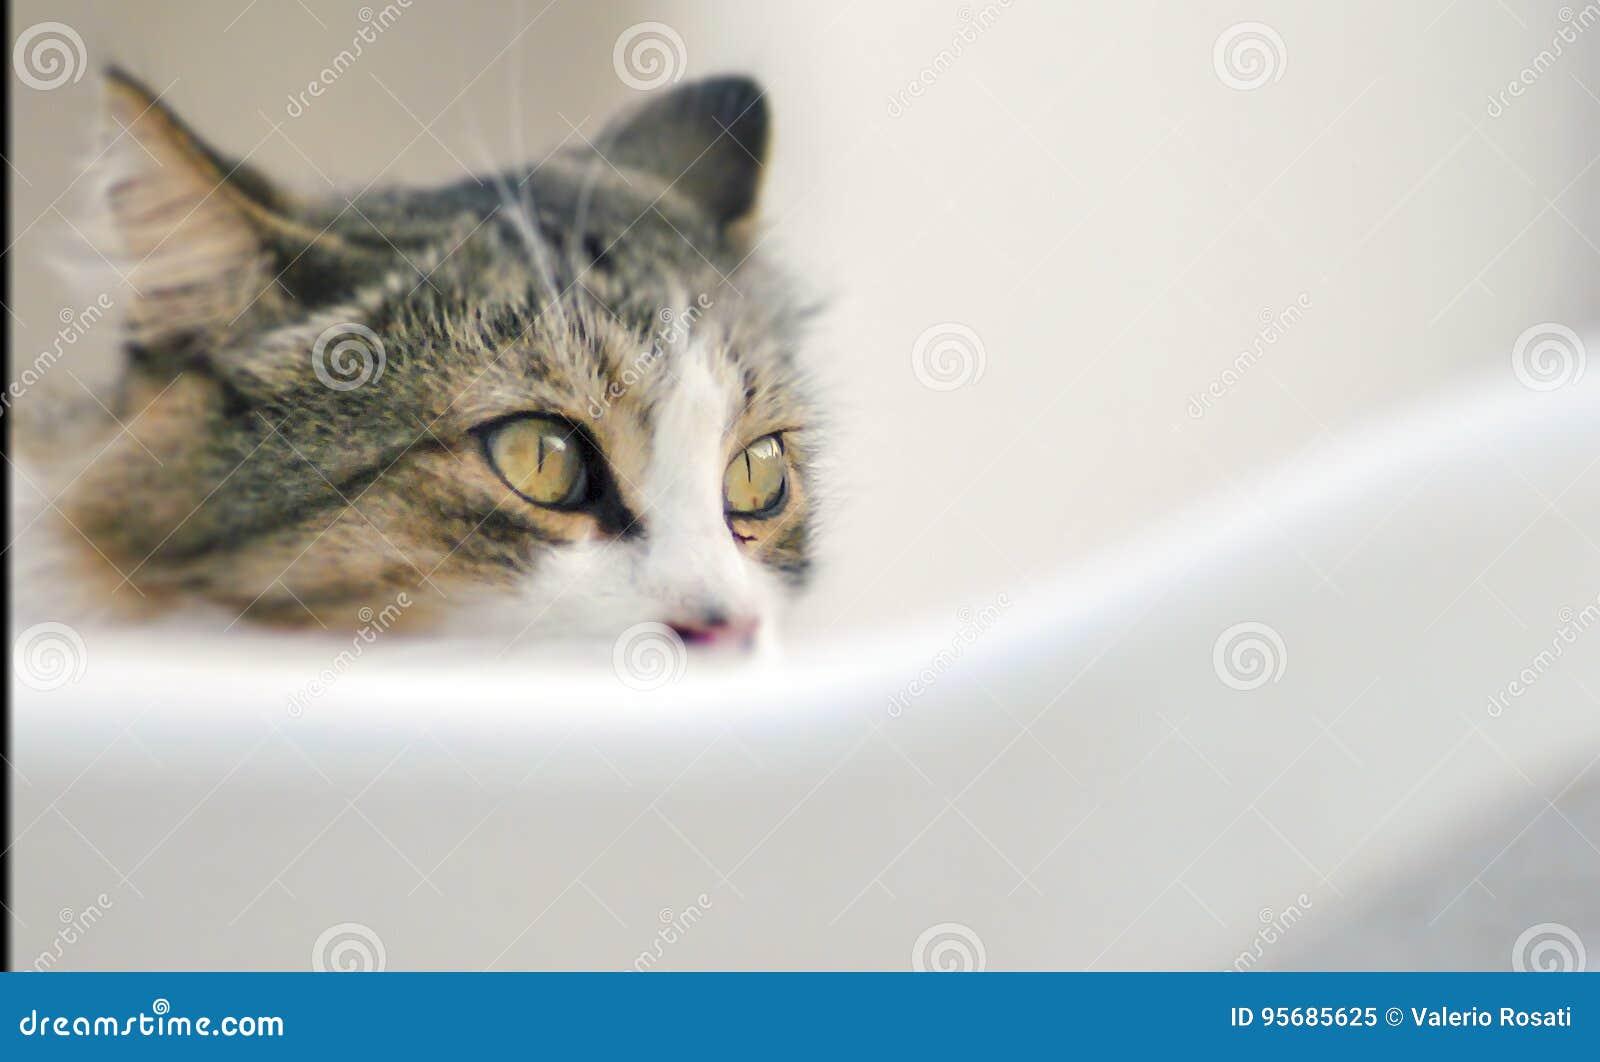 Ögon av en grå katt